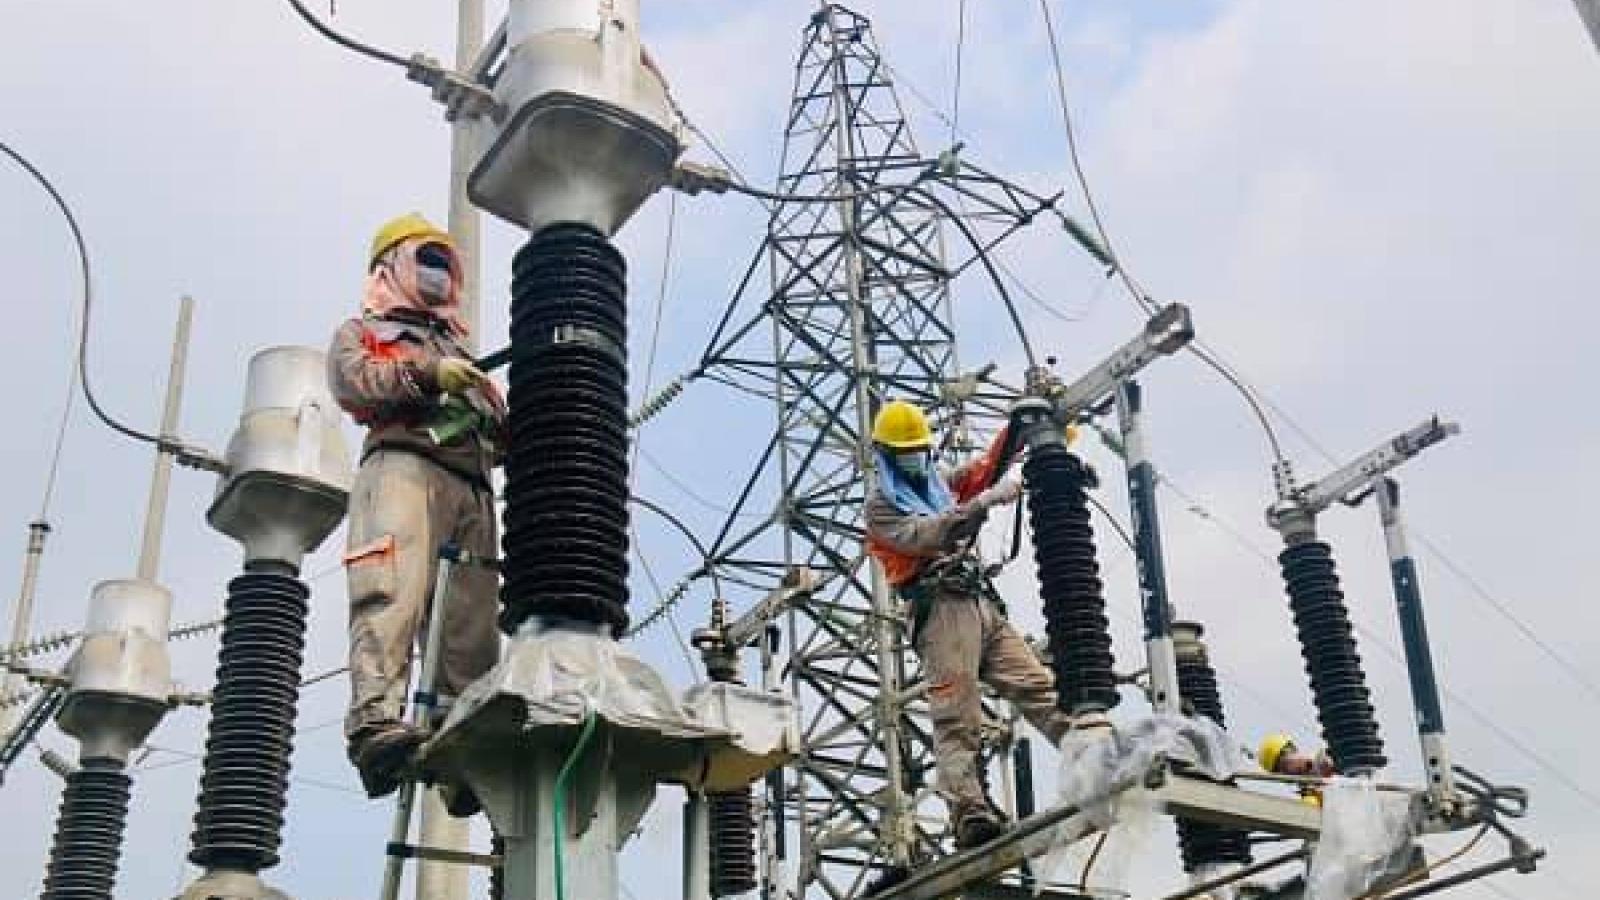 EVN miền Bắc đảm bảo cấp điện an toàn trong đợt cao điểm nắng nóng tháng 5